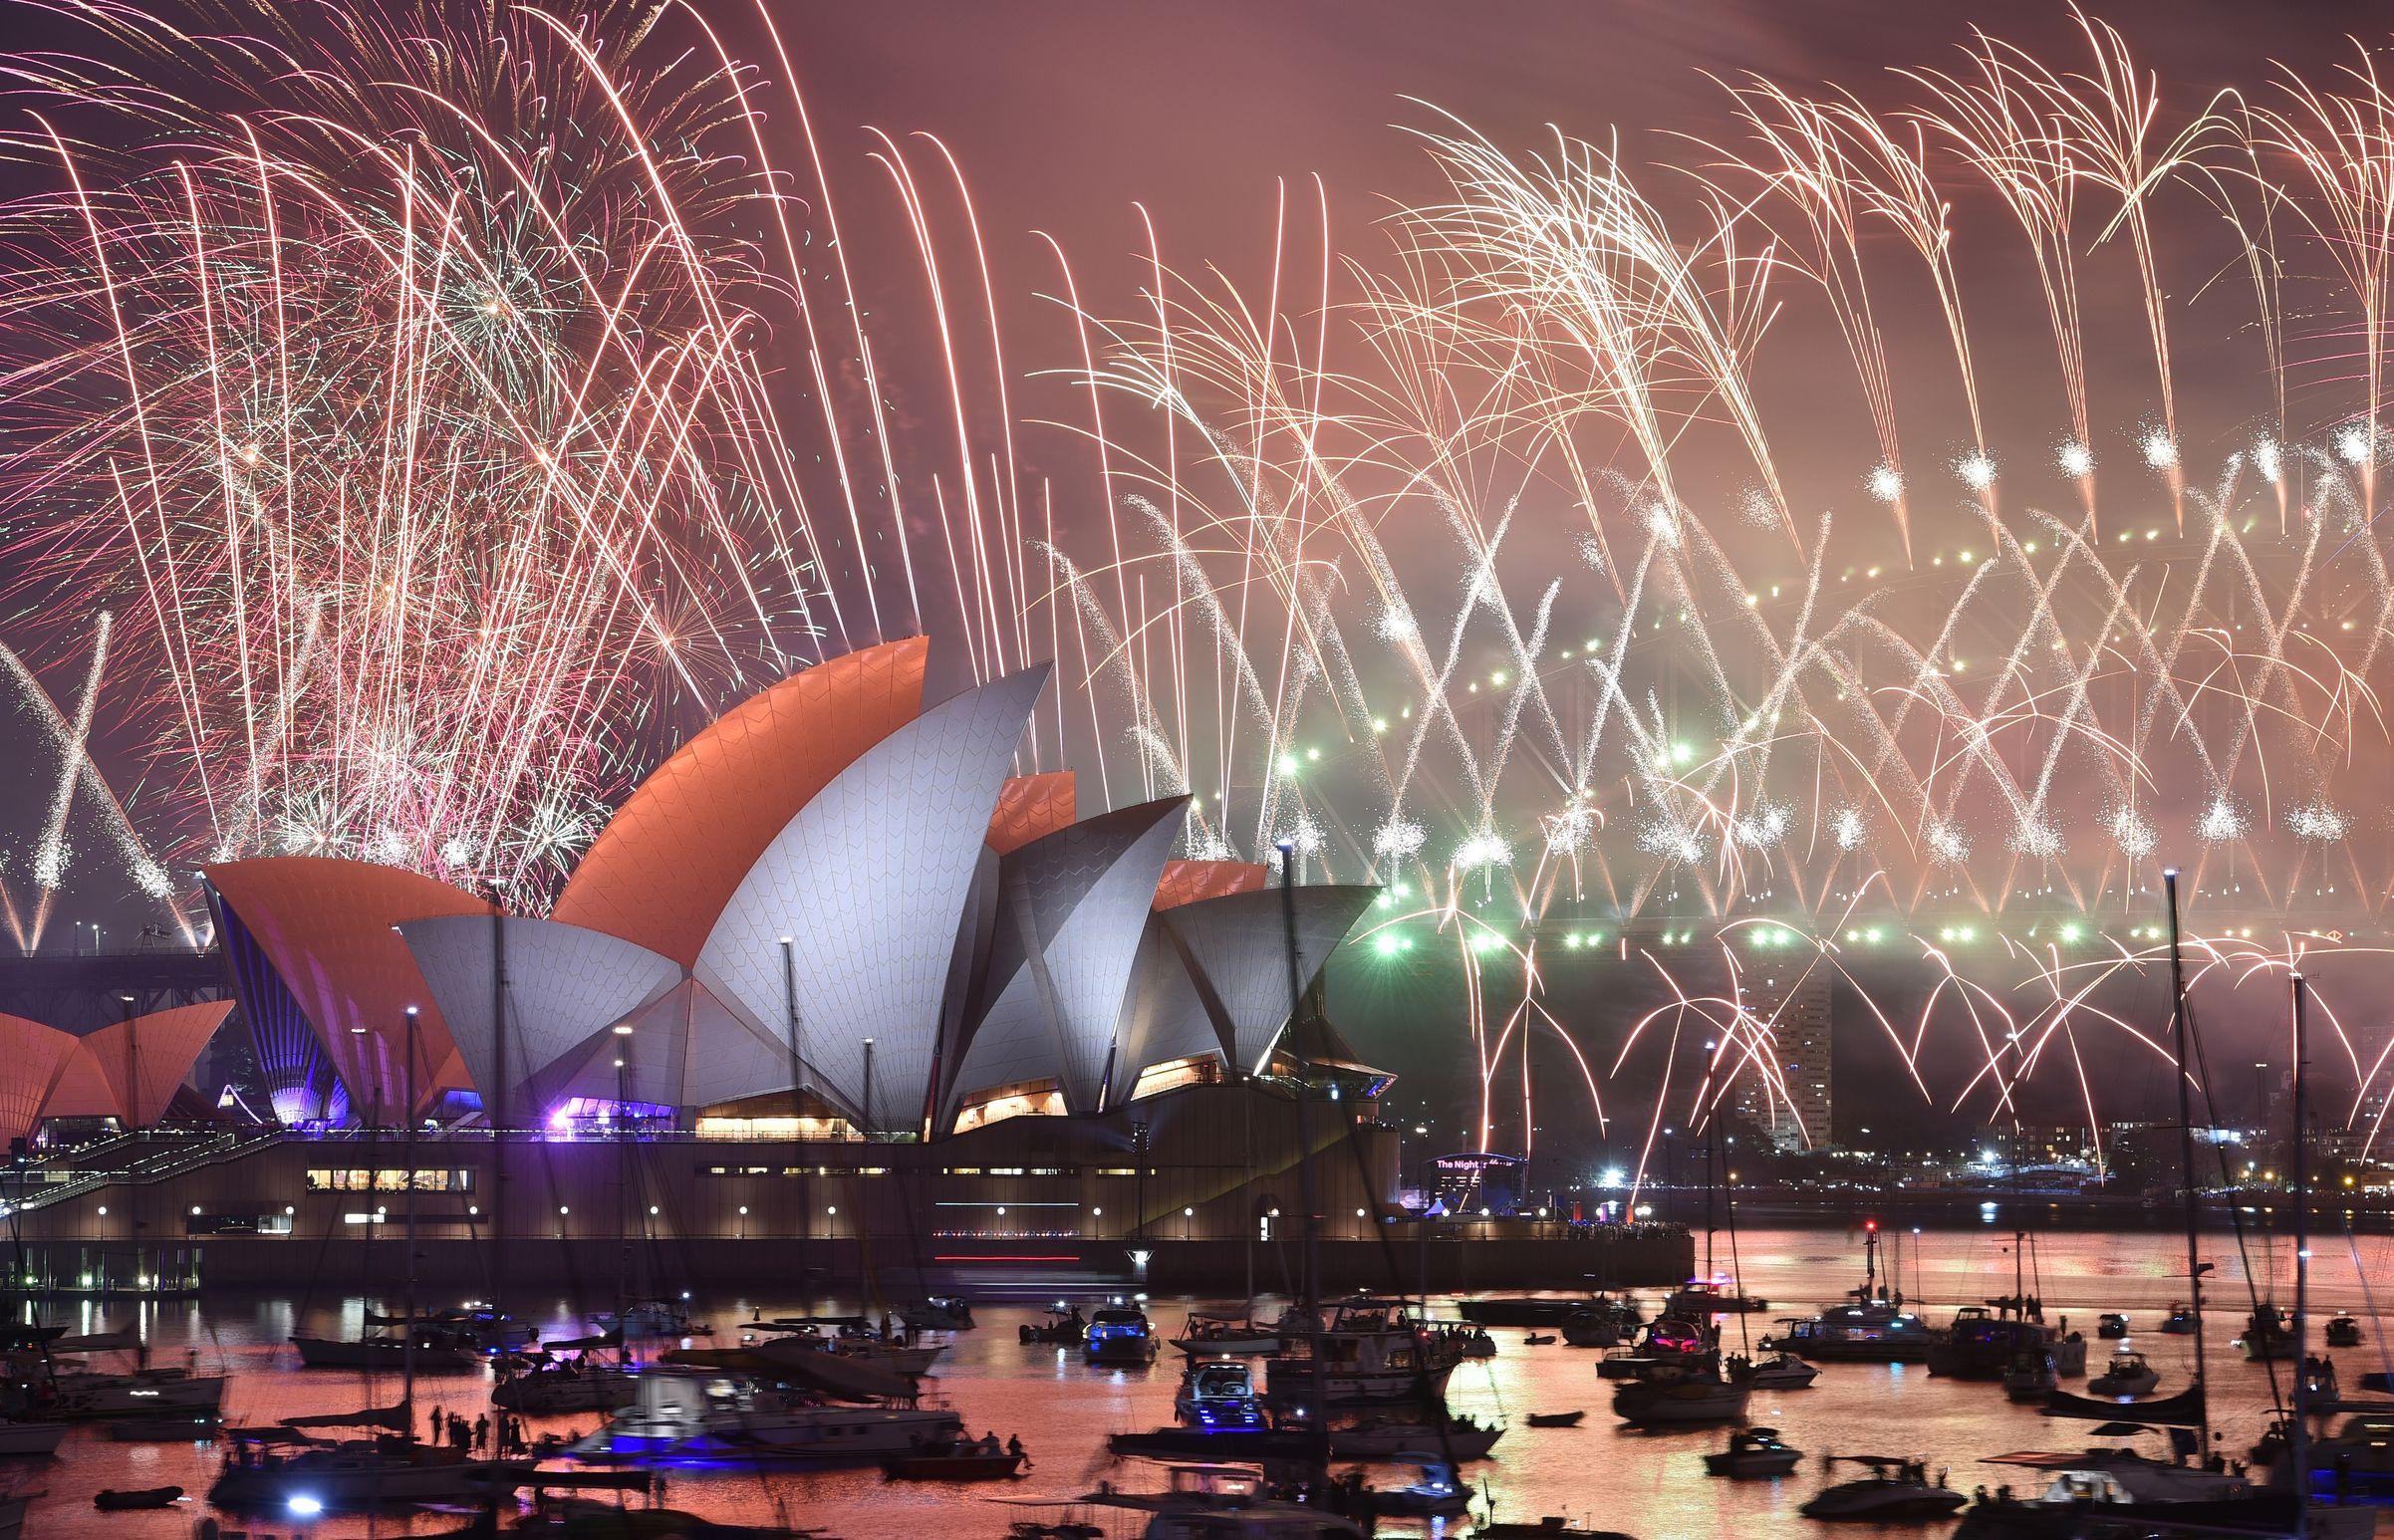 組圖:全球喜迎2019 各地煙火秀接力上演